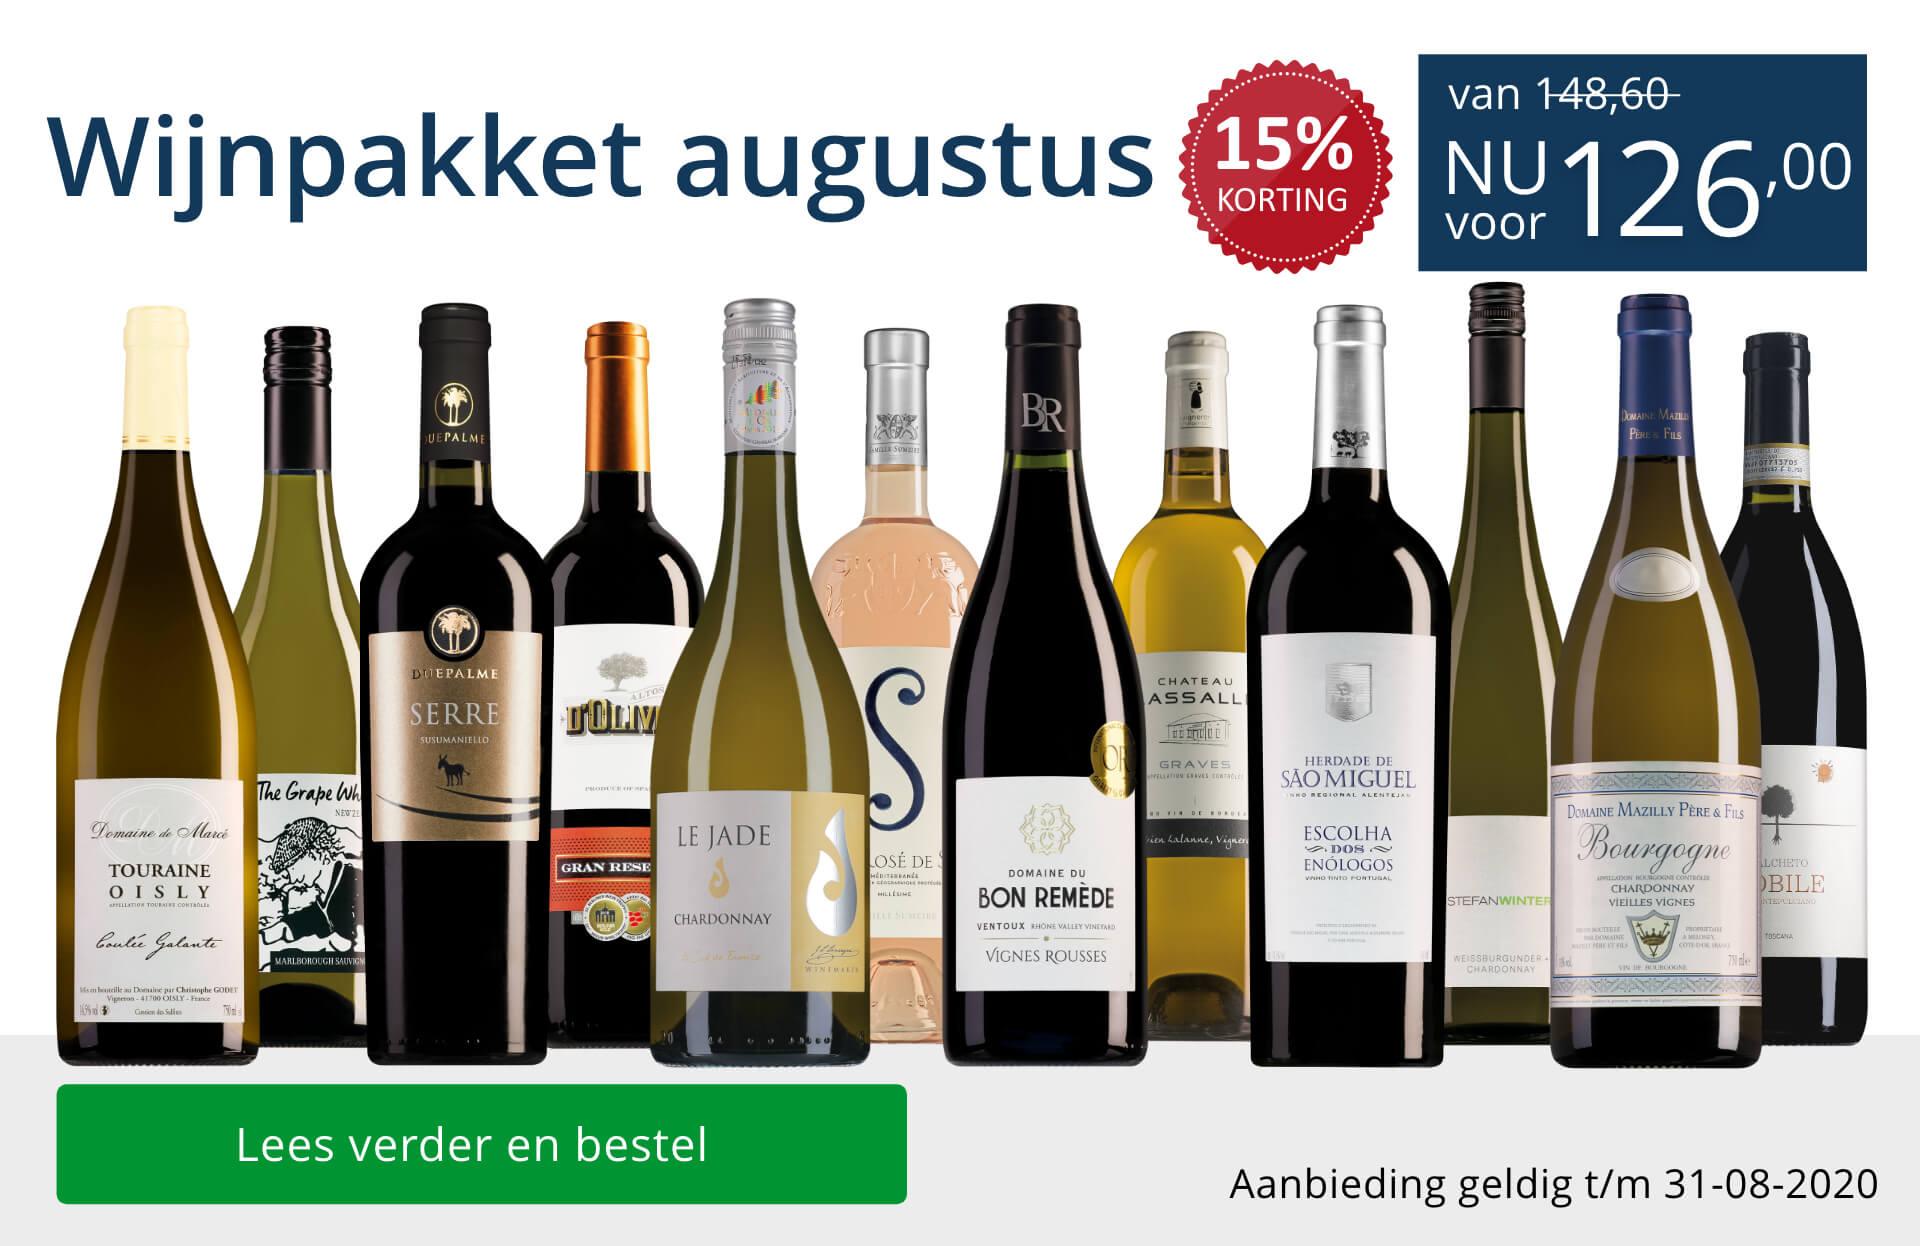 Wijnpakket wijnbericht augustus 2020 (126,00) - blauw